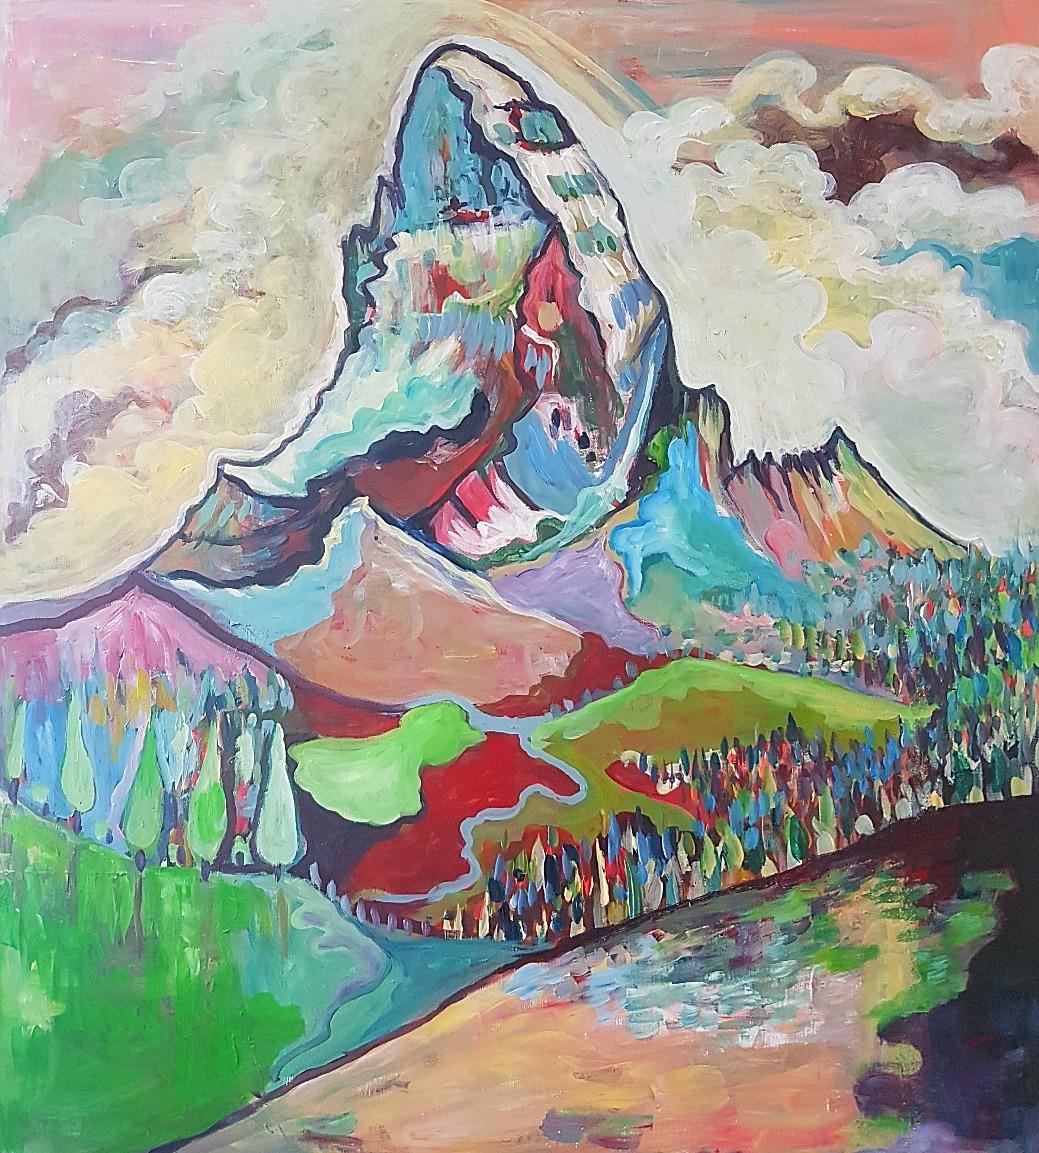 Matterhorn in the pink